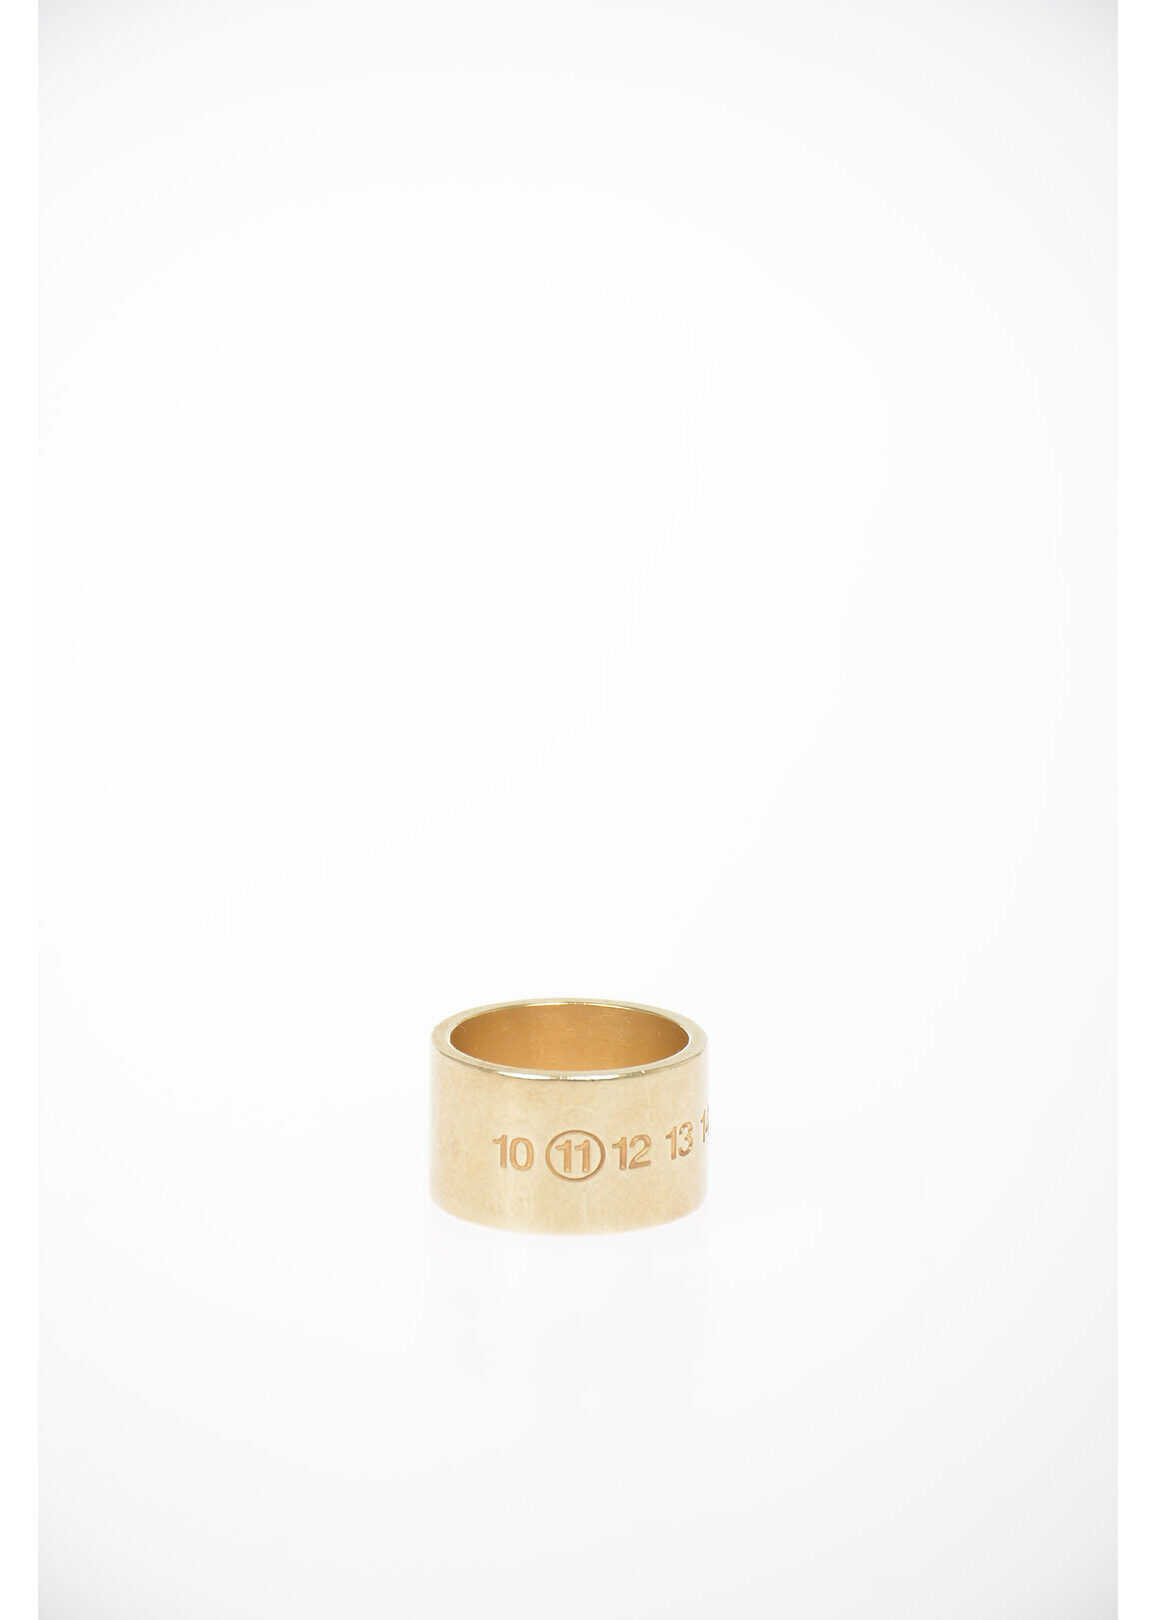 MM11 Silver Ring thumbnail